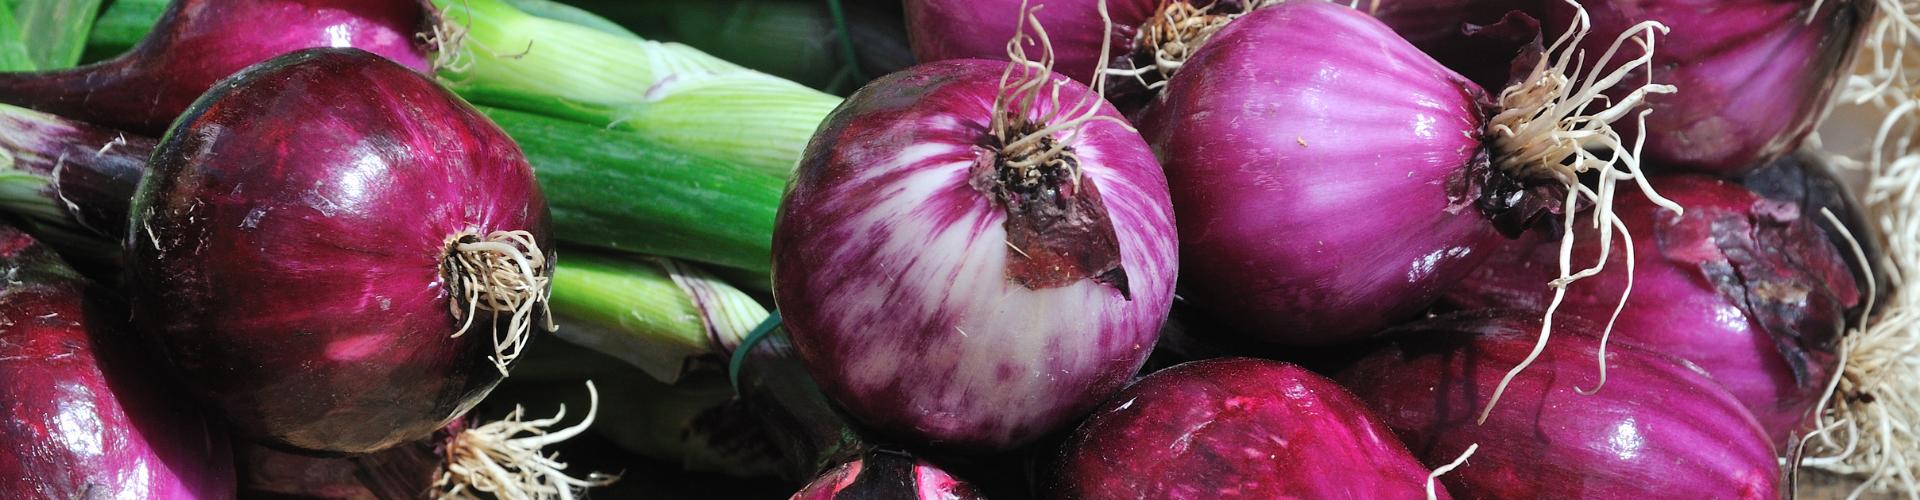 L'oignon : semis, culture, et récolte - Blog - Dr. Jonquille & Mr. Ail